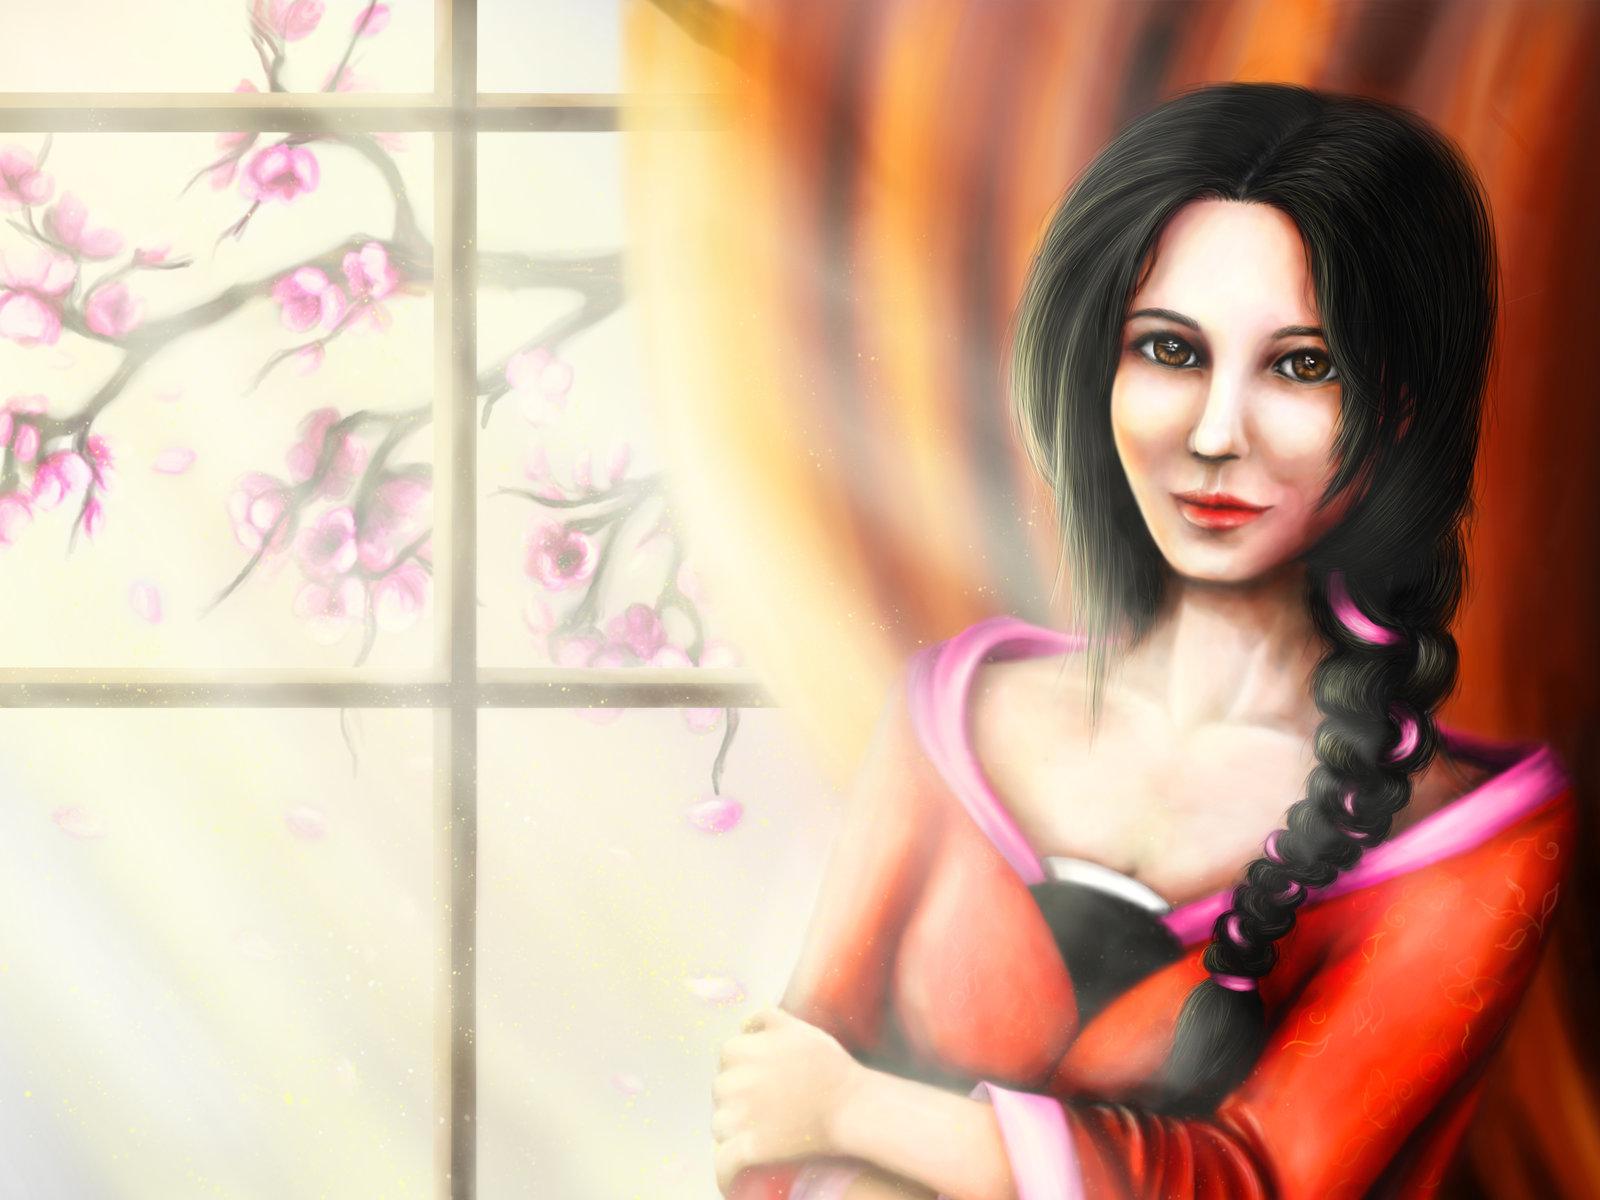 девушка в кимоно.jpg